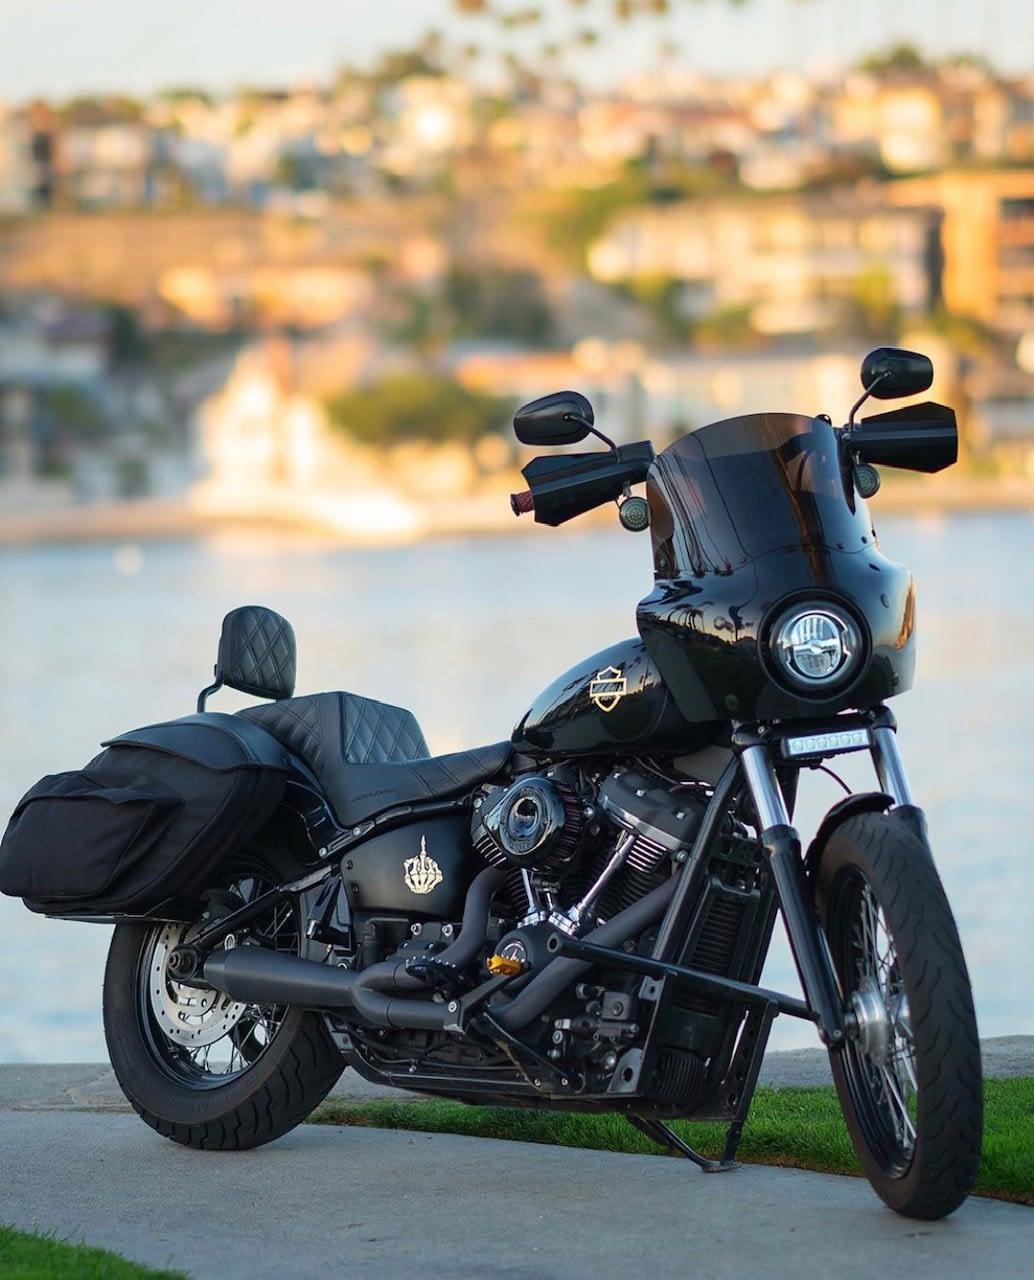 Leather Pros Retro Series V3 Saddlebags For 2018 Softail Imzz Elite